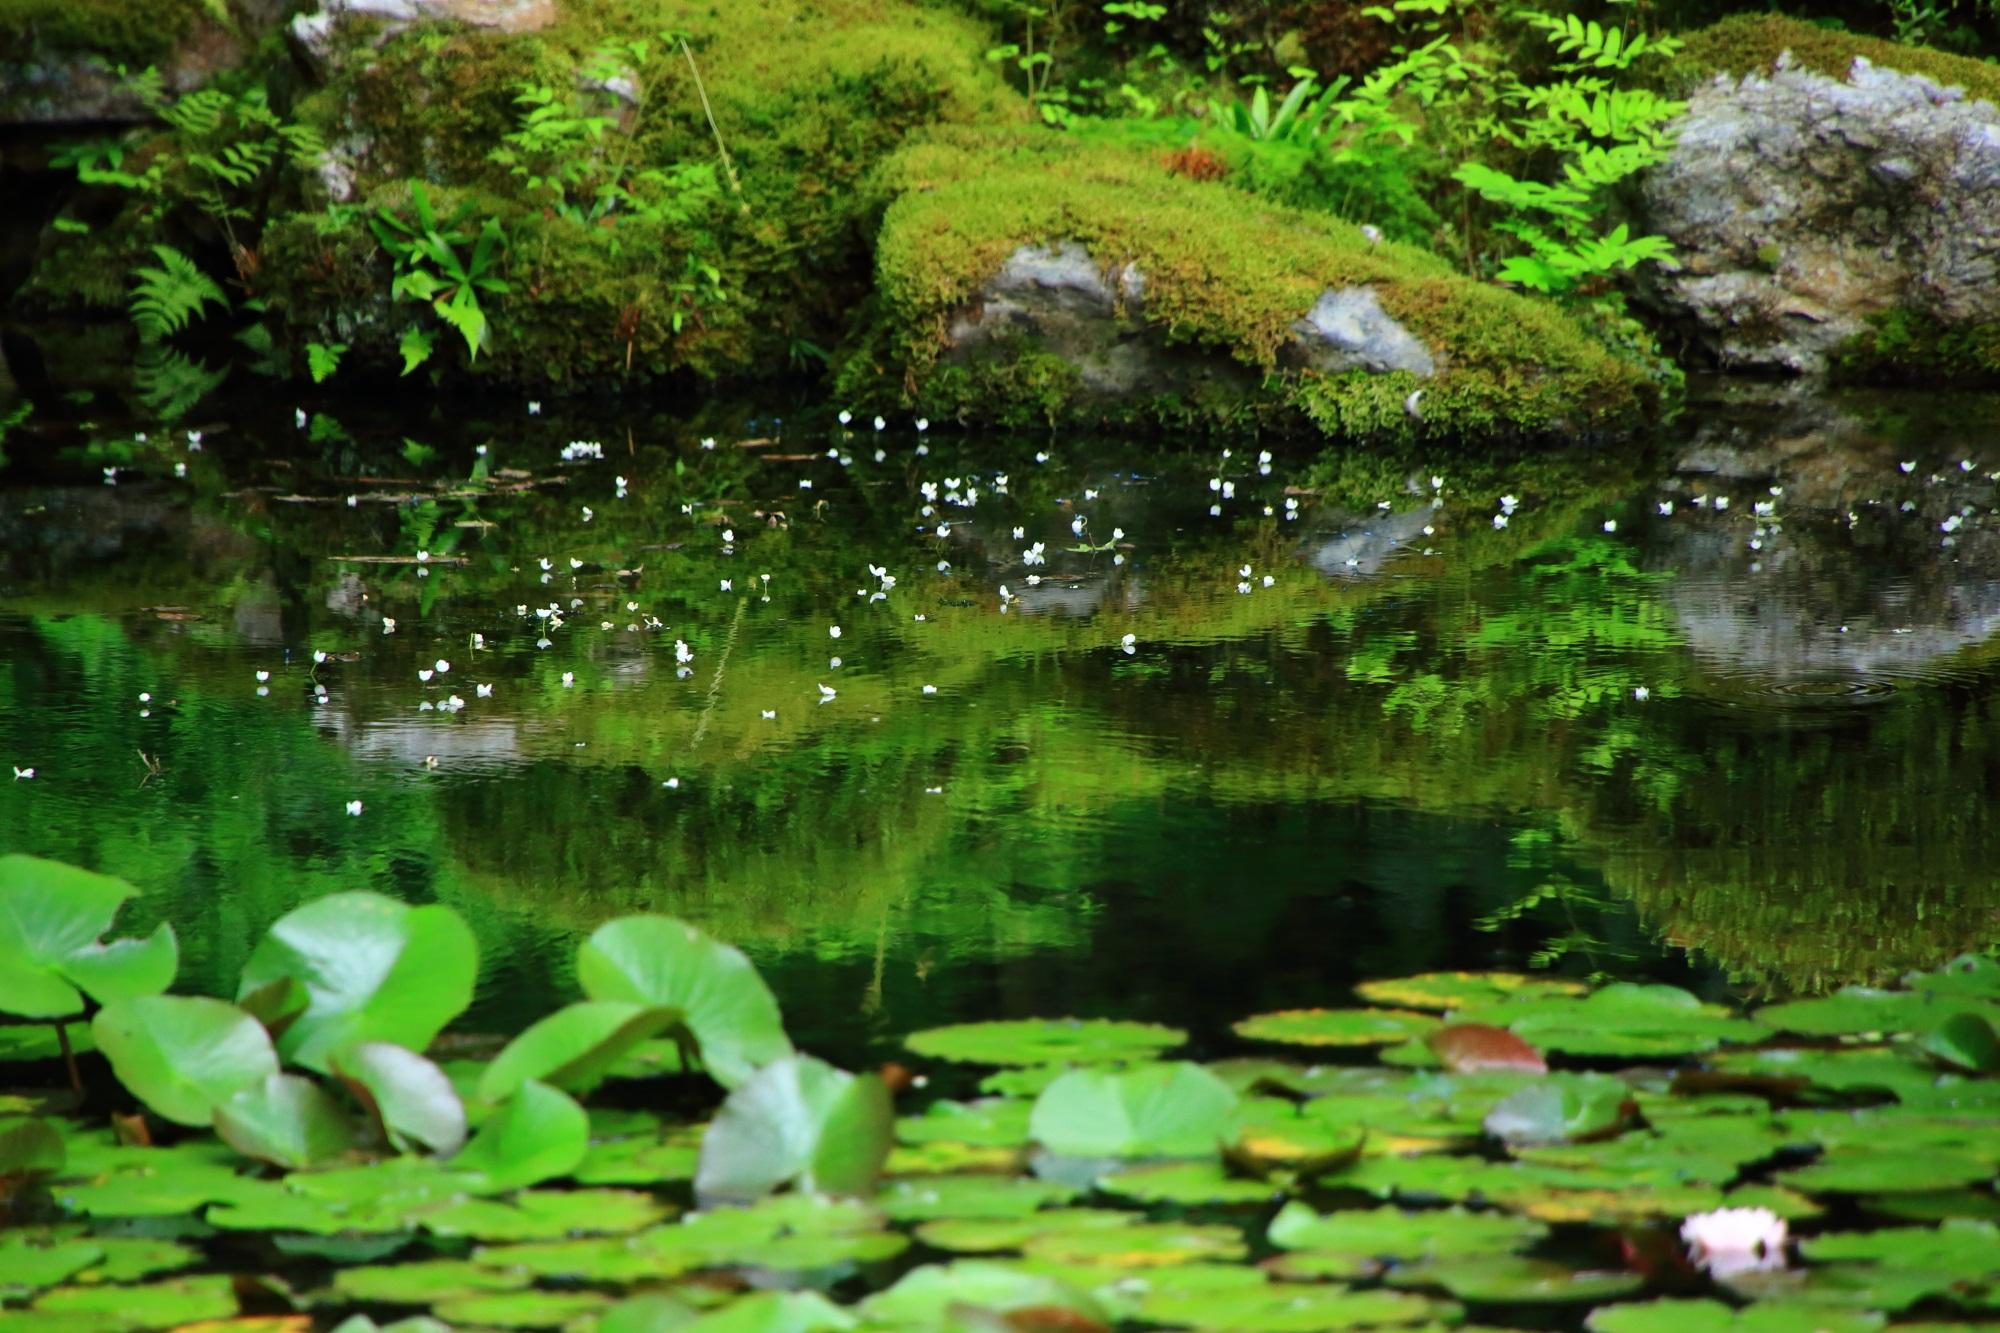 南禅院(なんぜんいん)の見事な池泉回遊式庭園